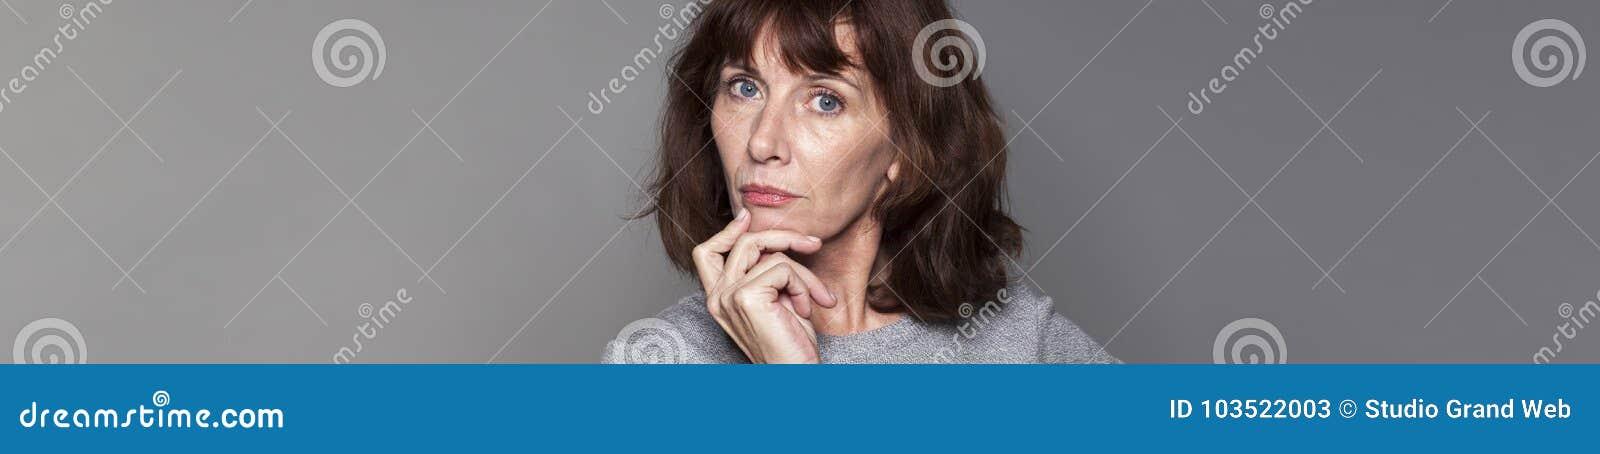 Mulher 50s bonita imaginativa que olha séria